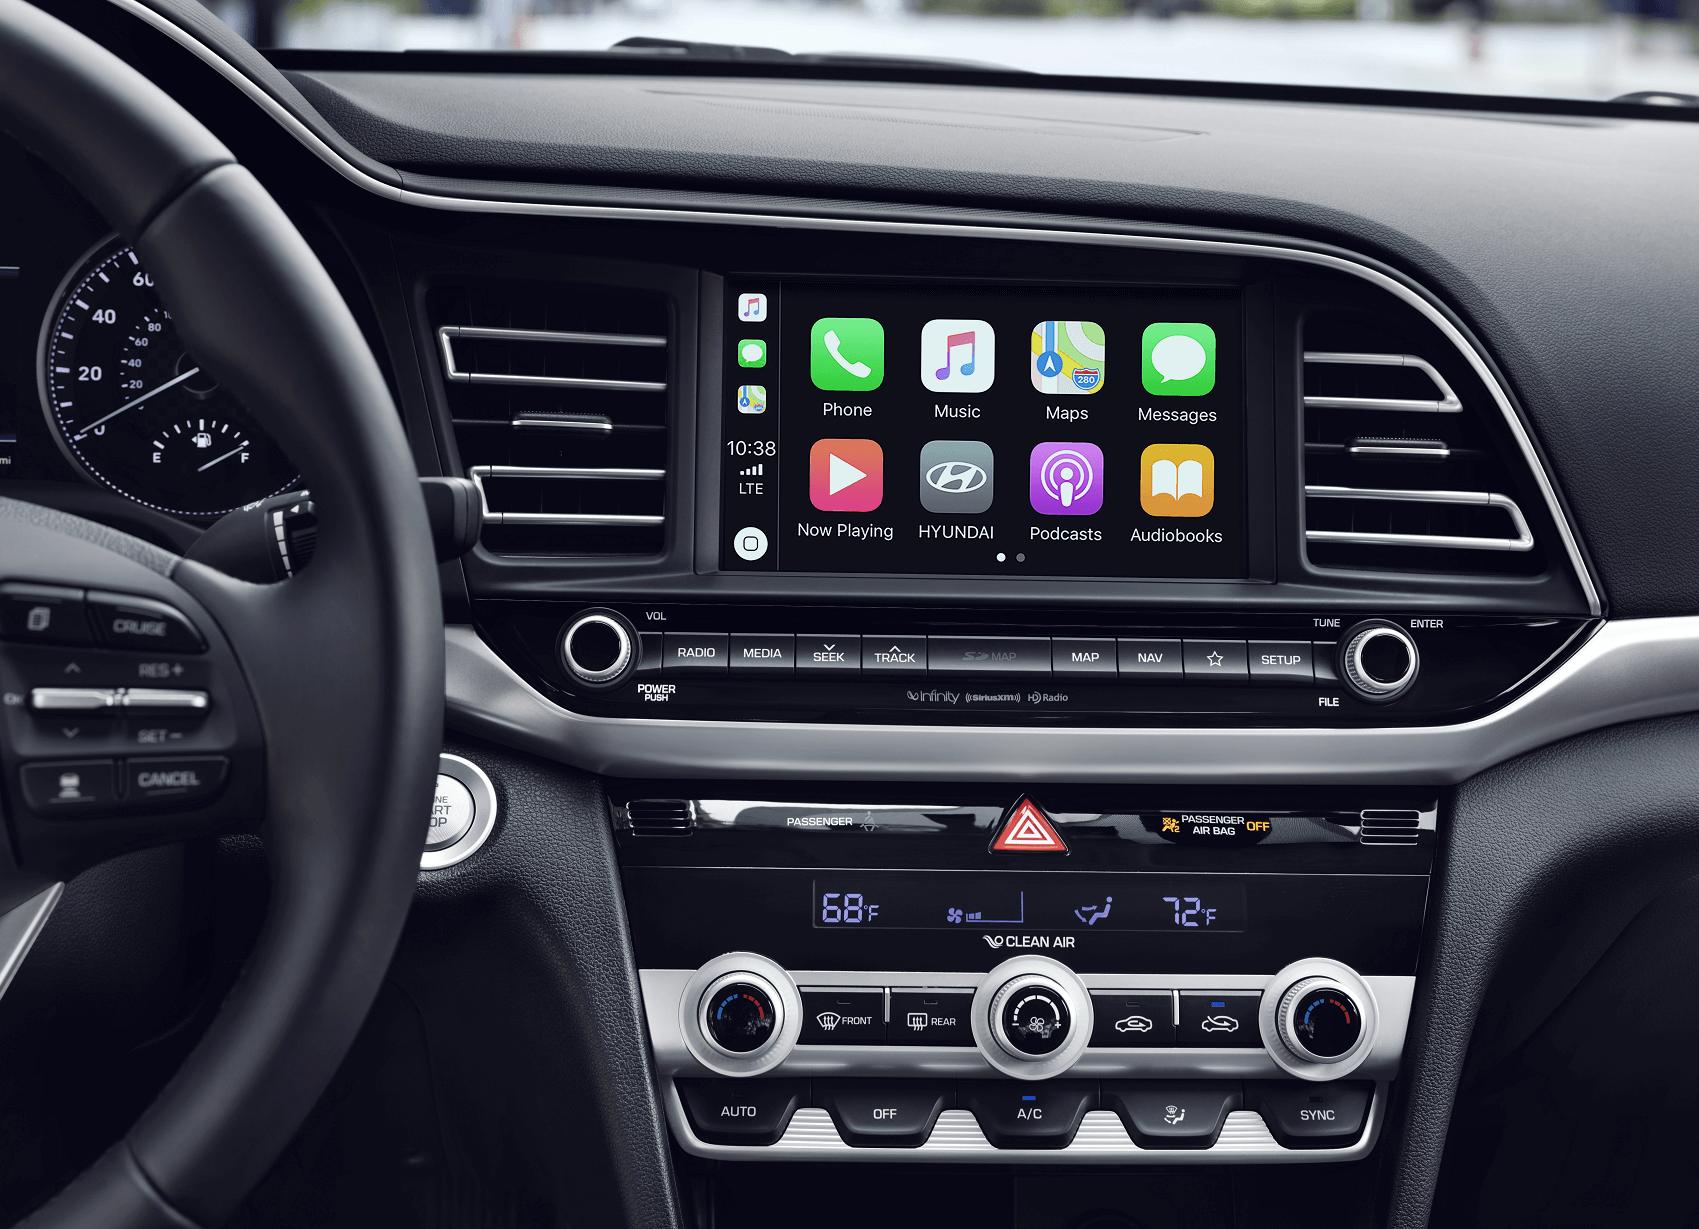 Hyundai Elantra Apple Car Play